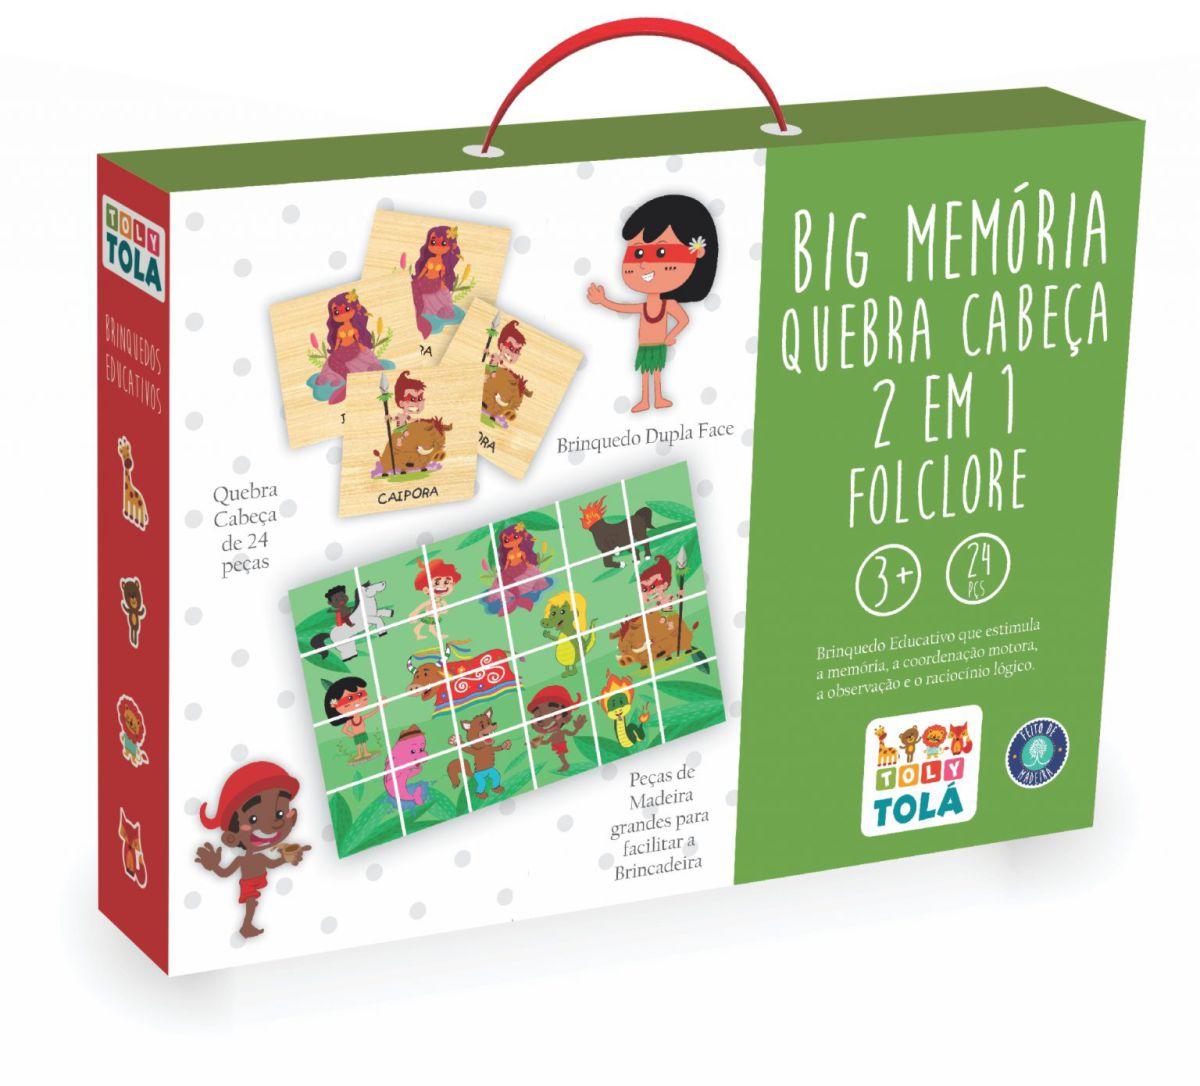 brinquedo-big-memoria-quebra-cabeca-2-em-1-folclore-zastras